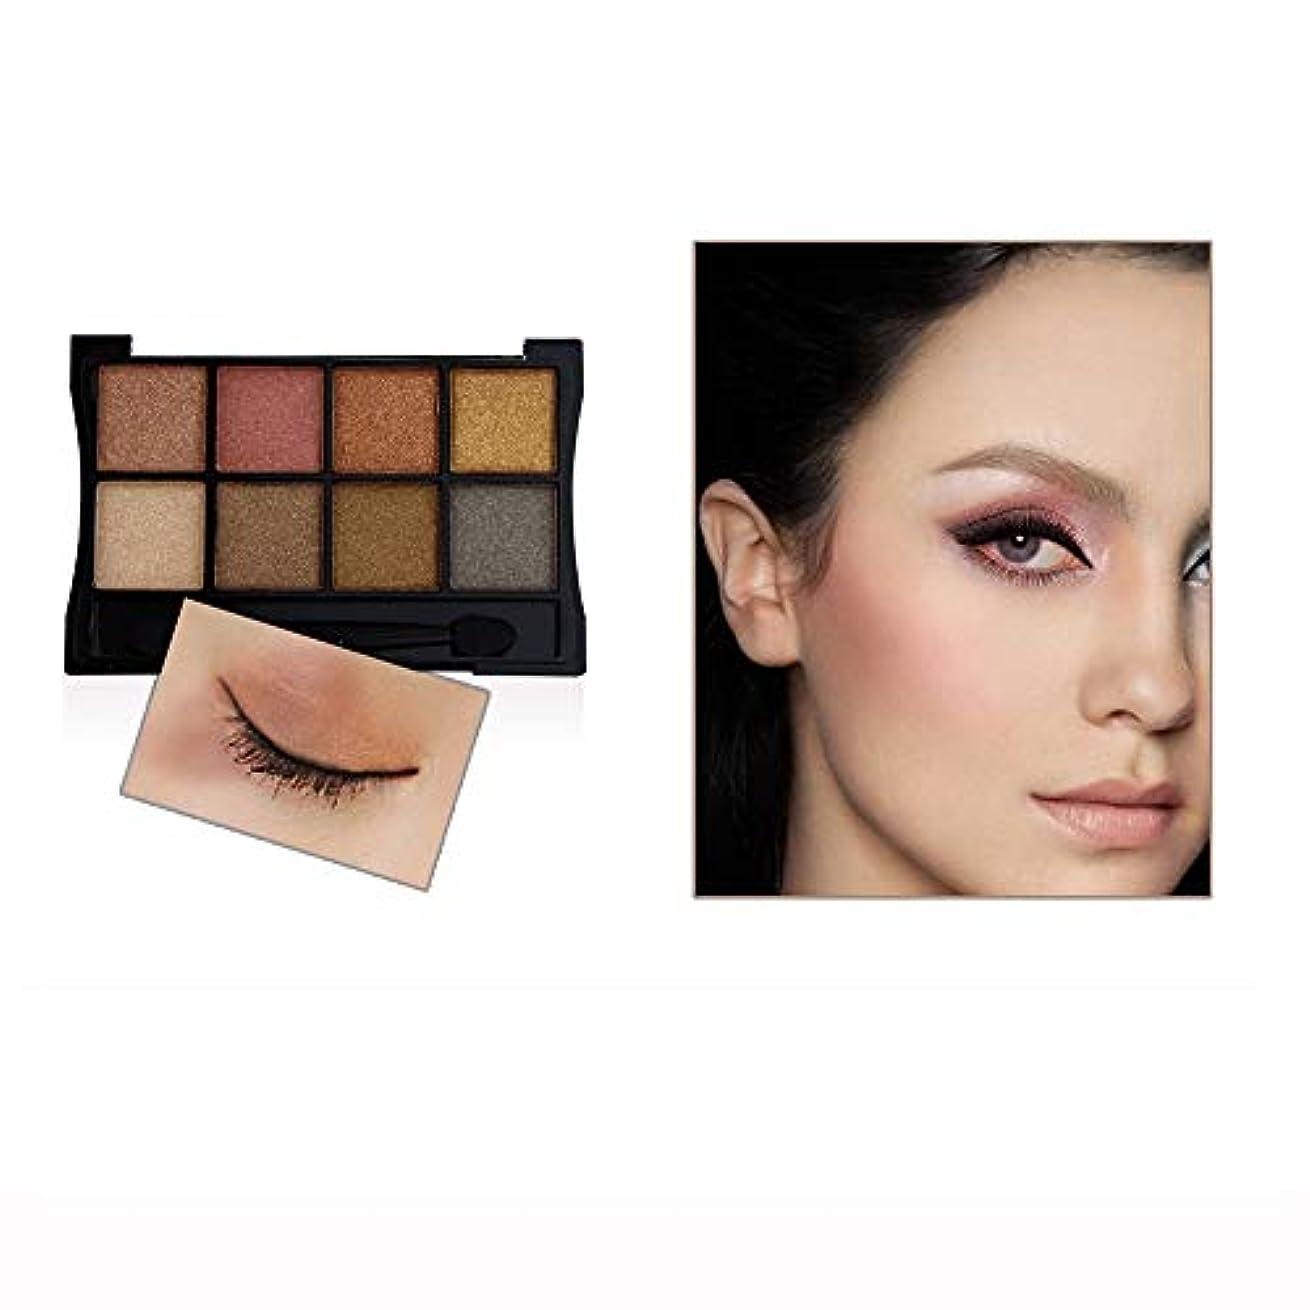 専門化する増幅するレタッチAkane アイシャドウパレット BOUB ファッション 魅力的 スモーキー 人気 綺麗 マット チャーム つや消し 長持ち おしゃれ 持ち便利 日常 仕事 Eye Shadow (8色)